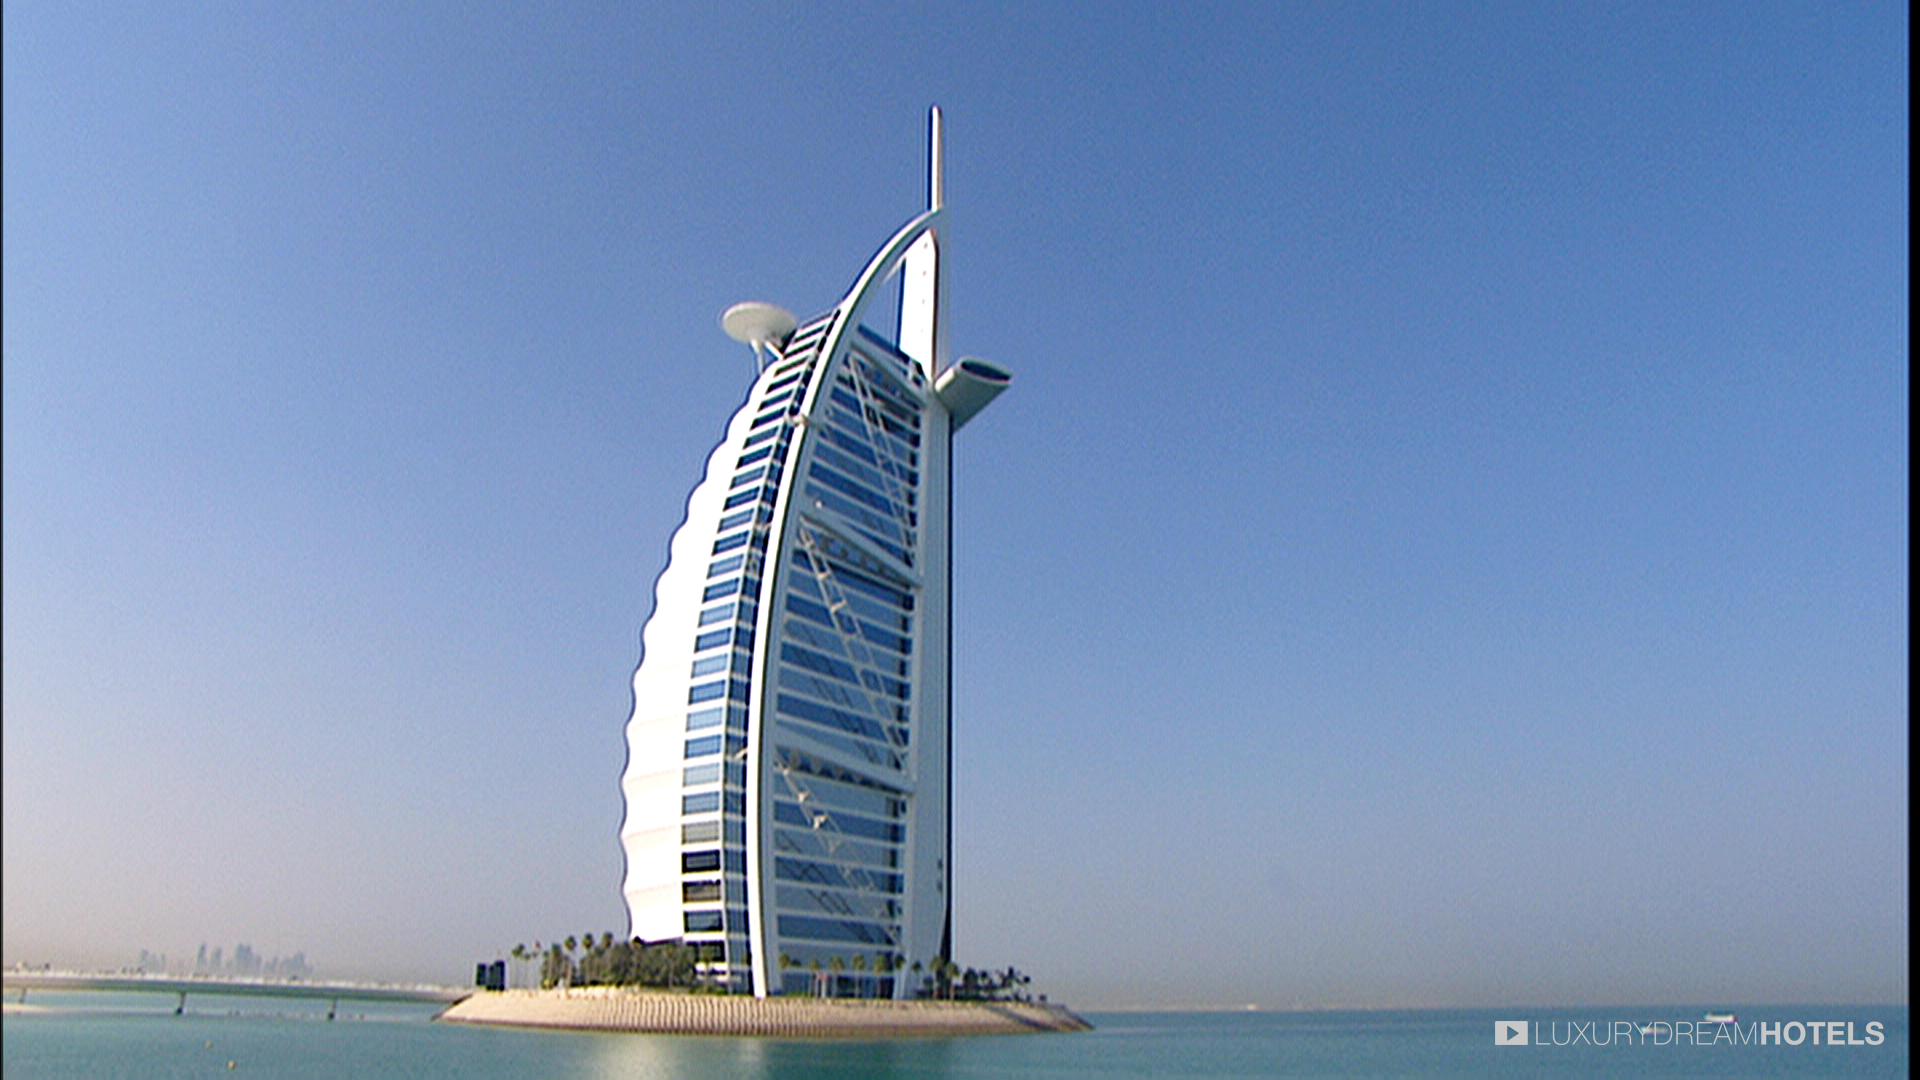 luxury hotel, burj al arab, dubai, united arab emirates - luxury